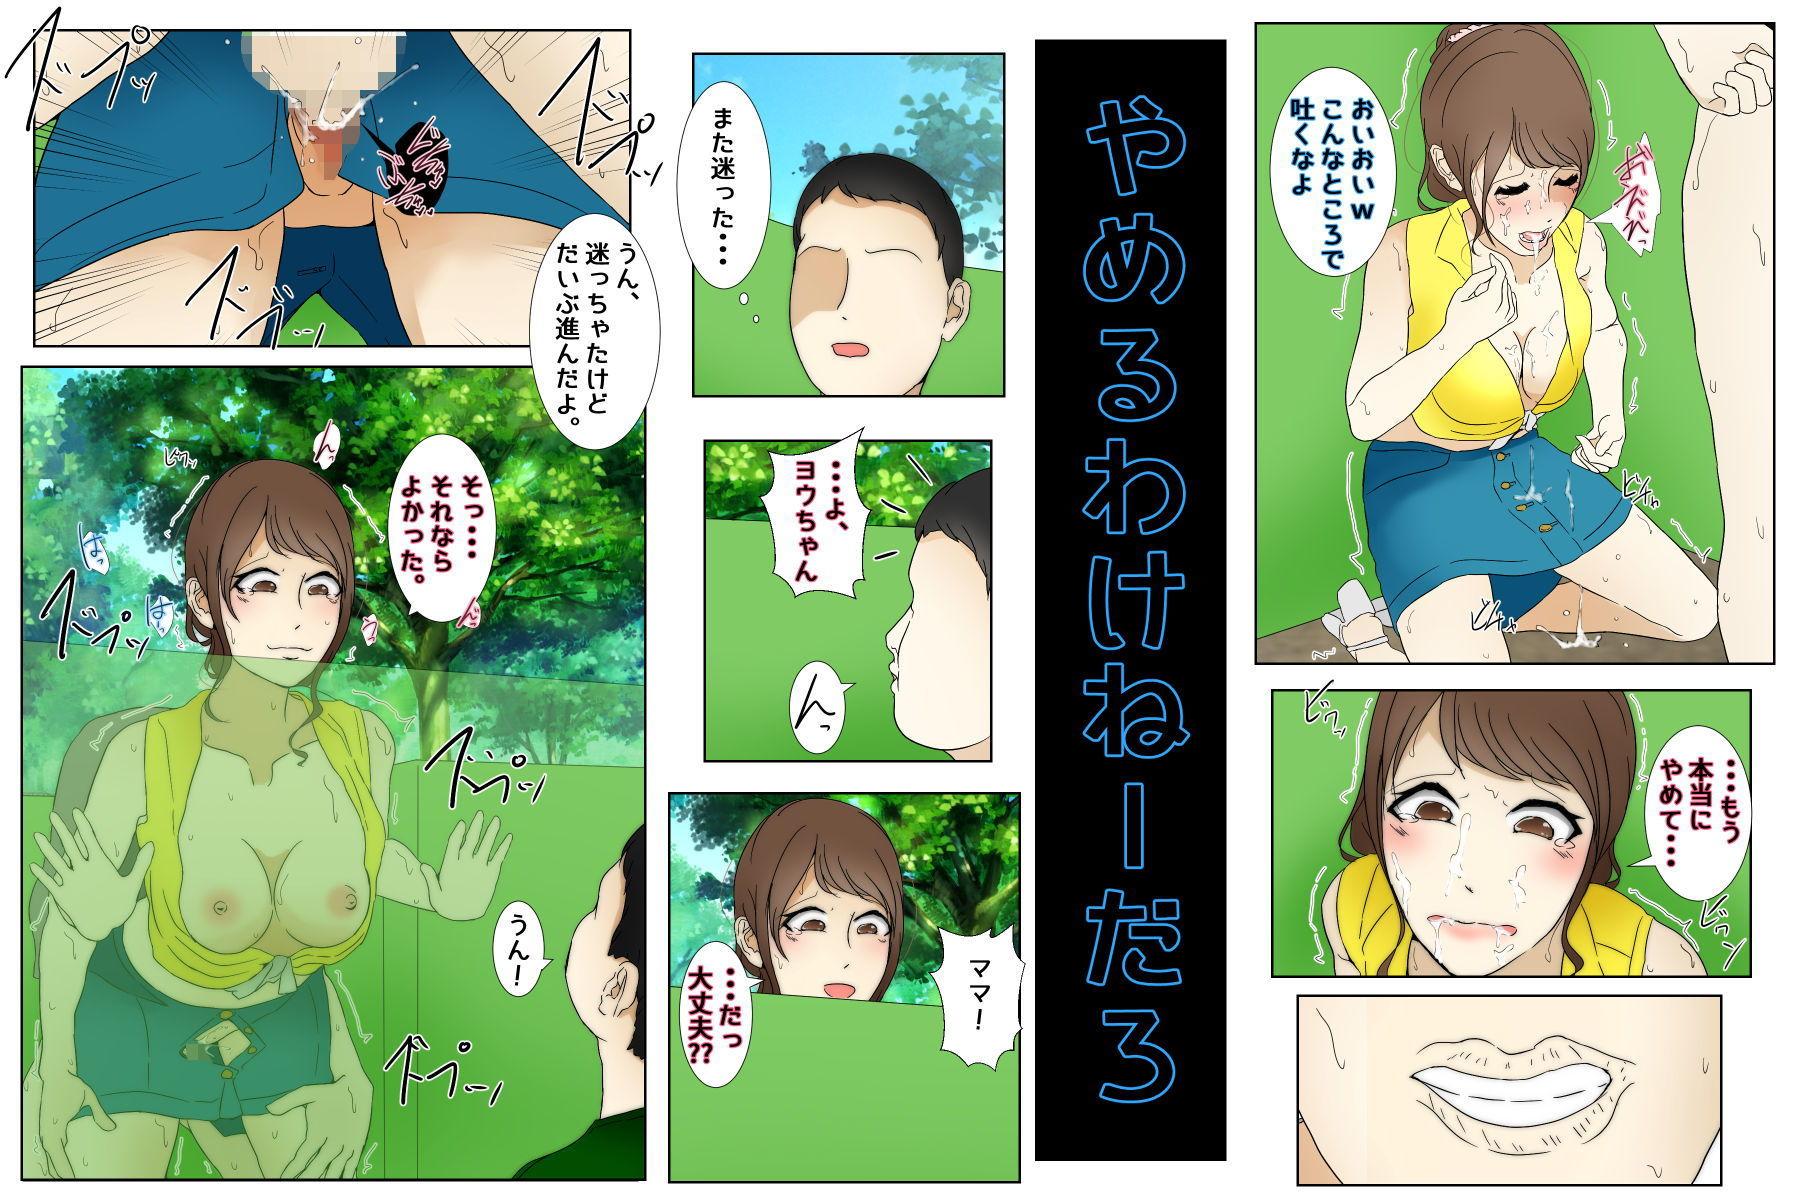 サンプル画像2:NTR&母子相姦新作セット2020年7月〜10月ver(Anasis) [d_188115]